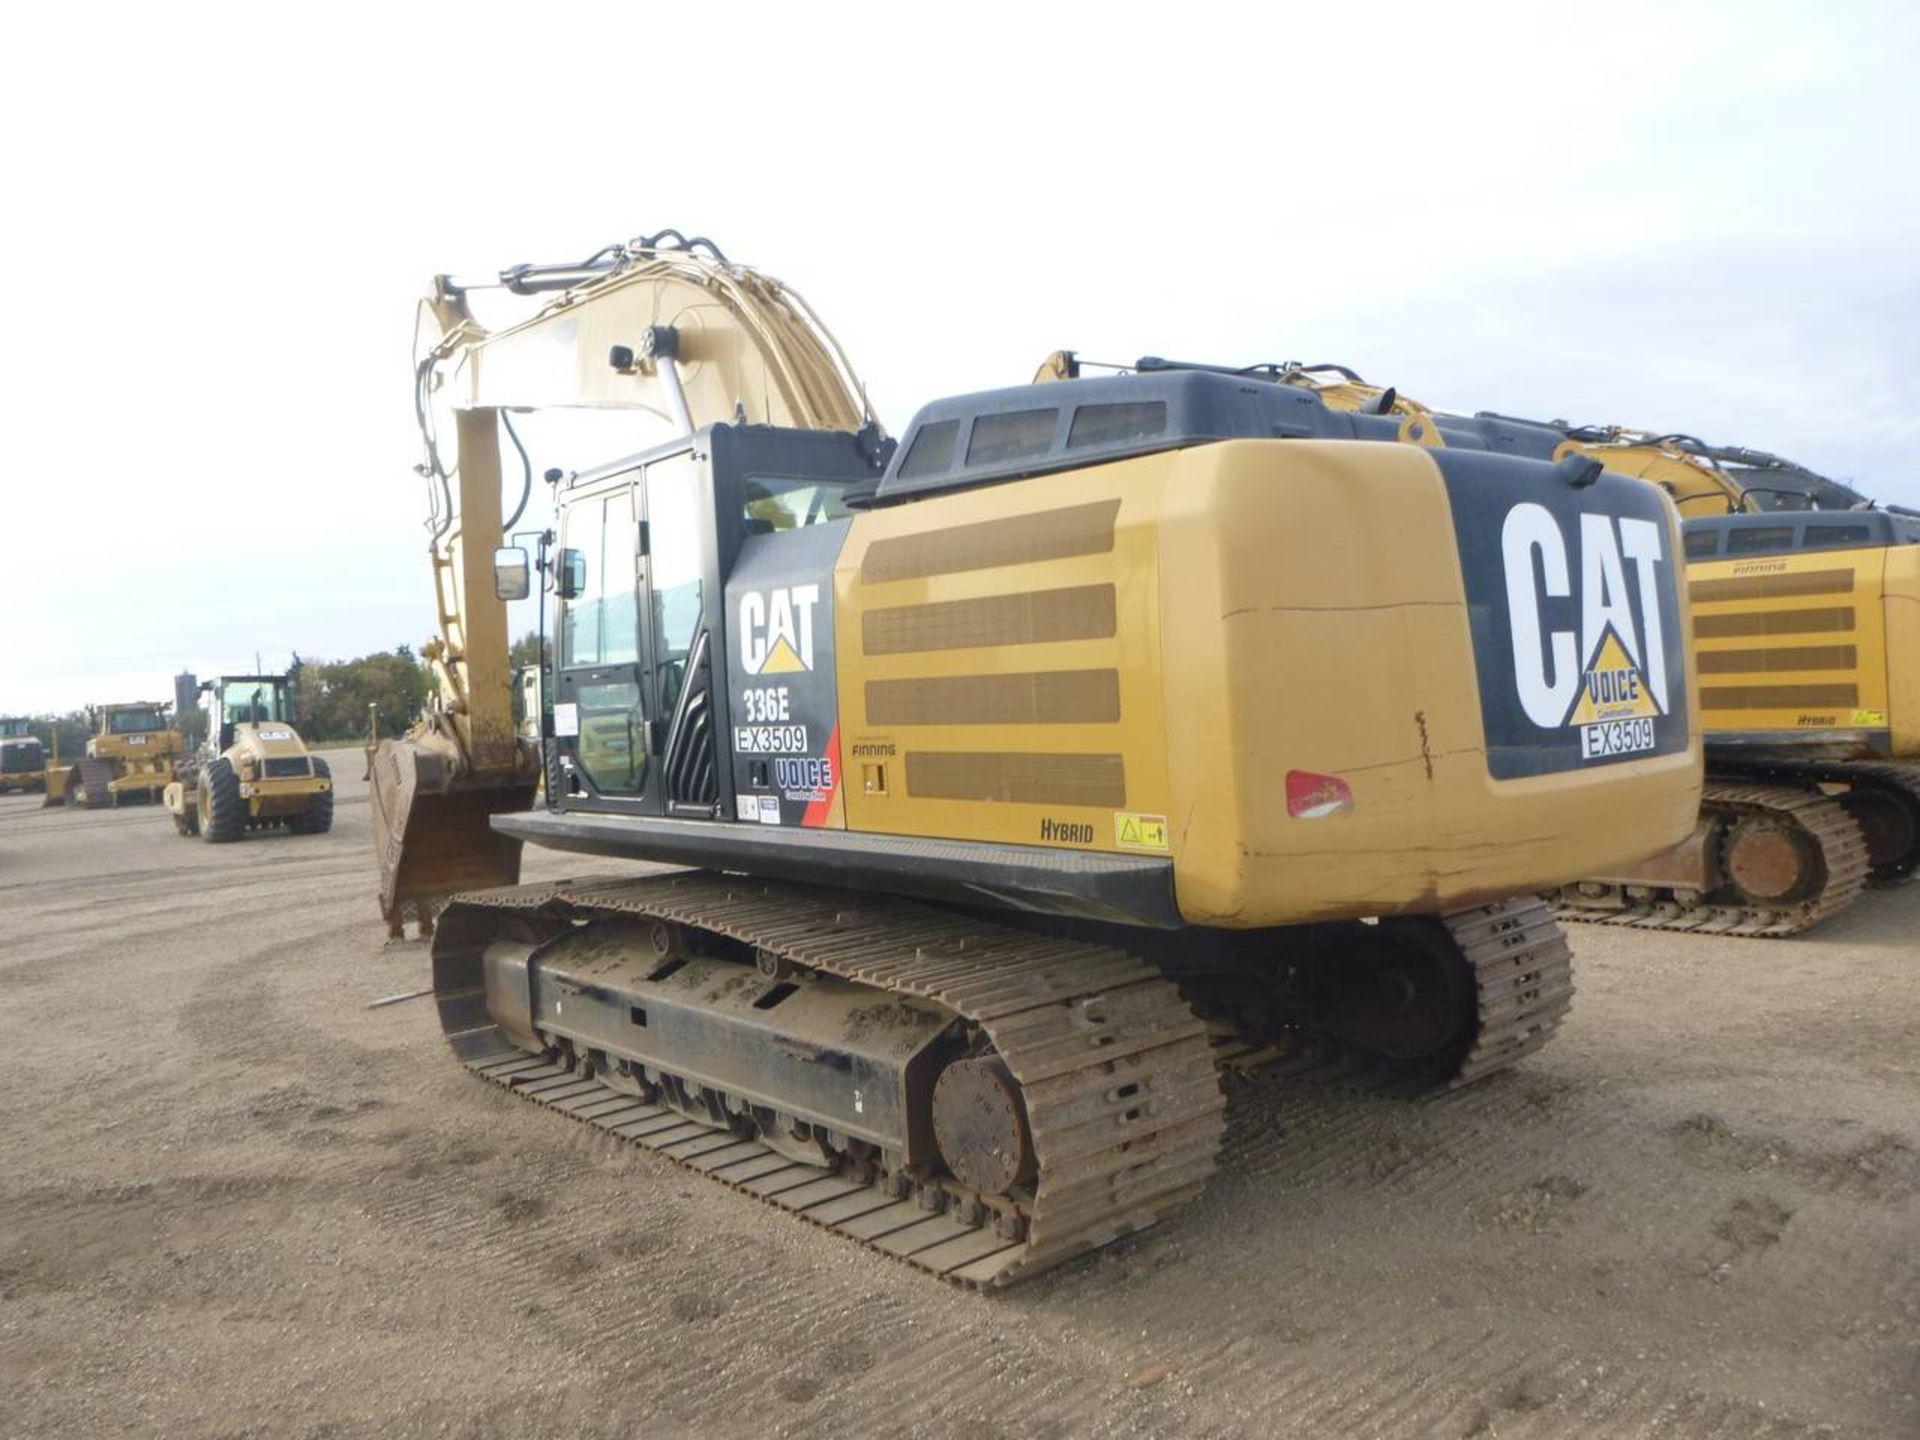 2013 Caterpillar 336ELH Excavator - Image 5 of 11